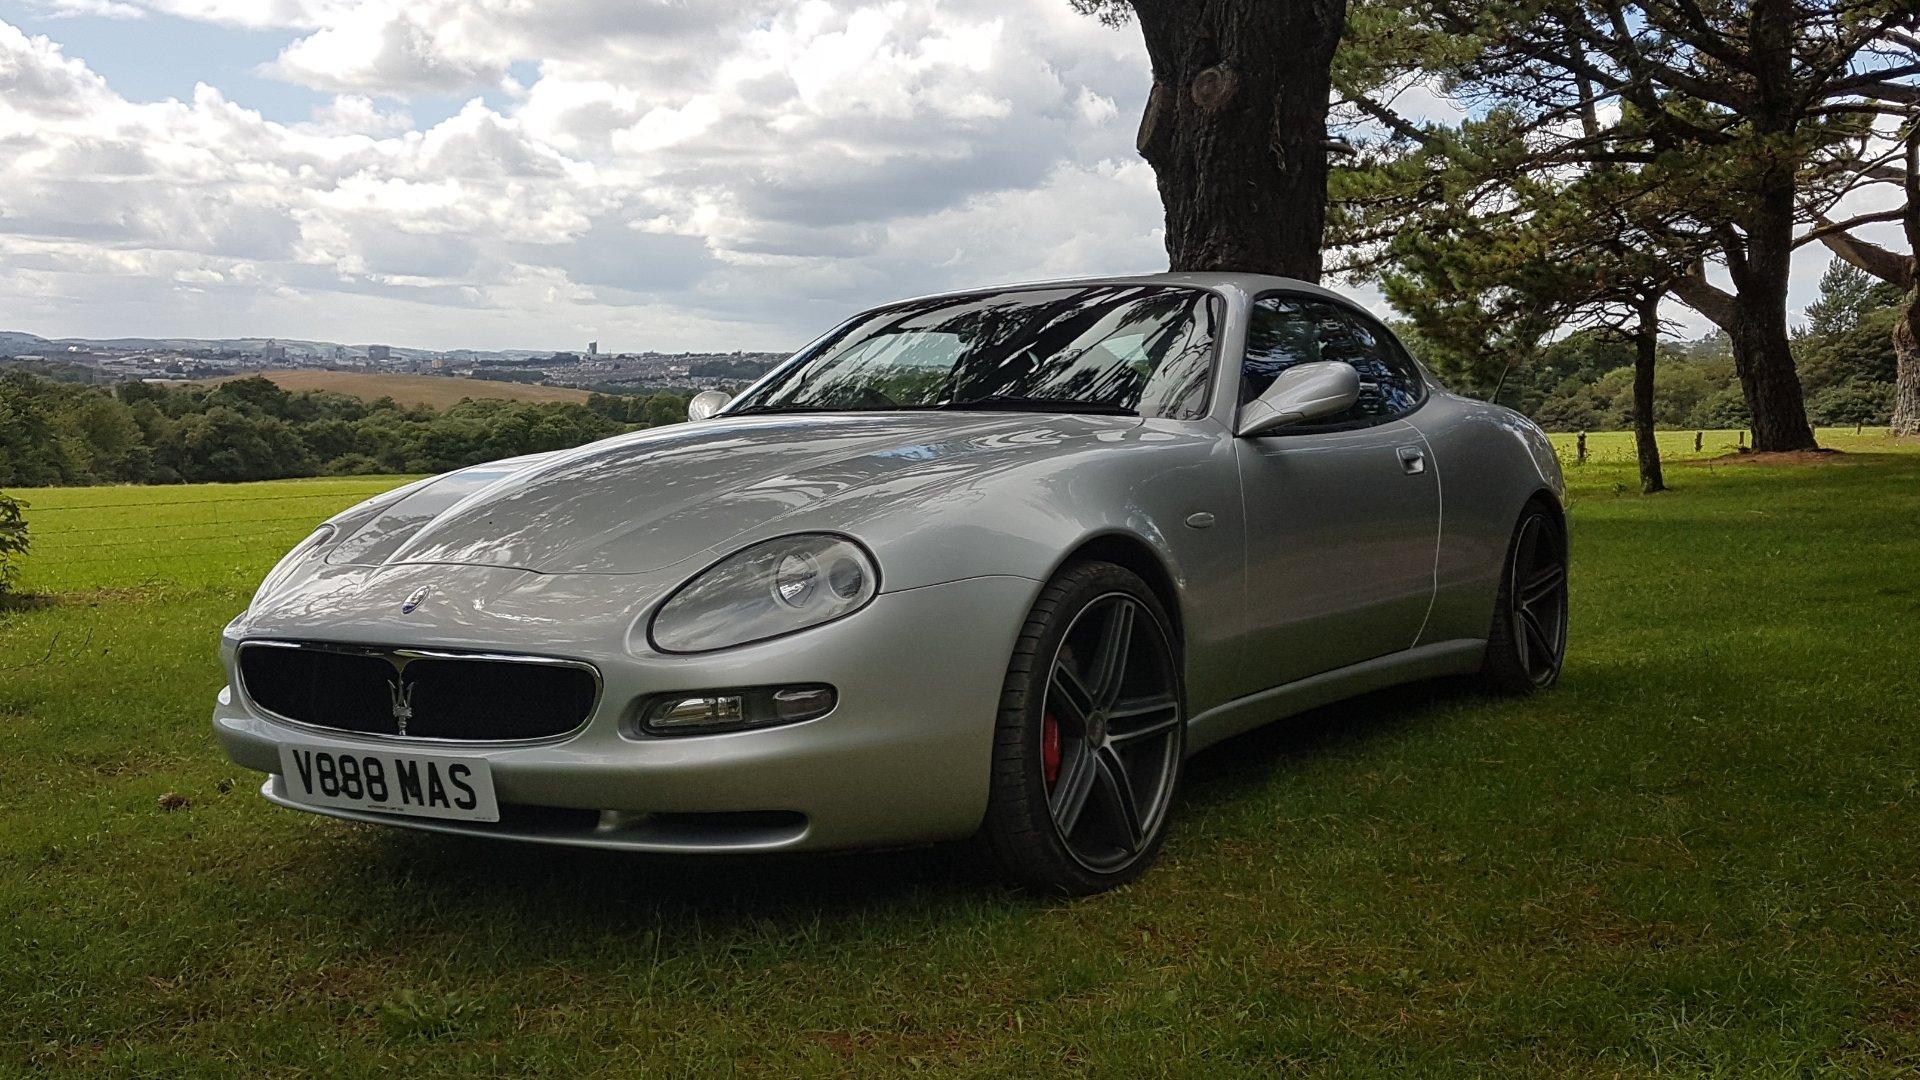 2002 Maserati 4200, Cambio, F1, Tubi, H-pipe For Sale (picture 2 of 5)